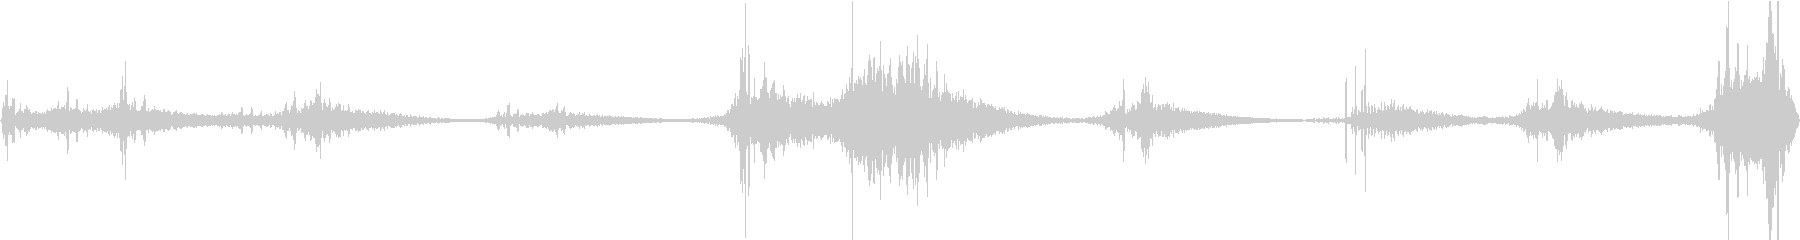 重力がゆっくり、遠く、持続する振動の未再生の波形